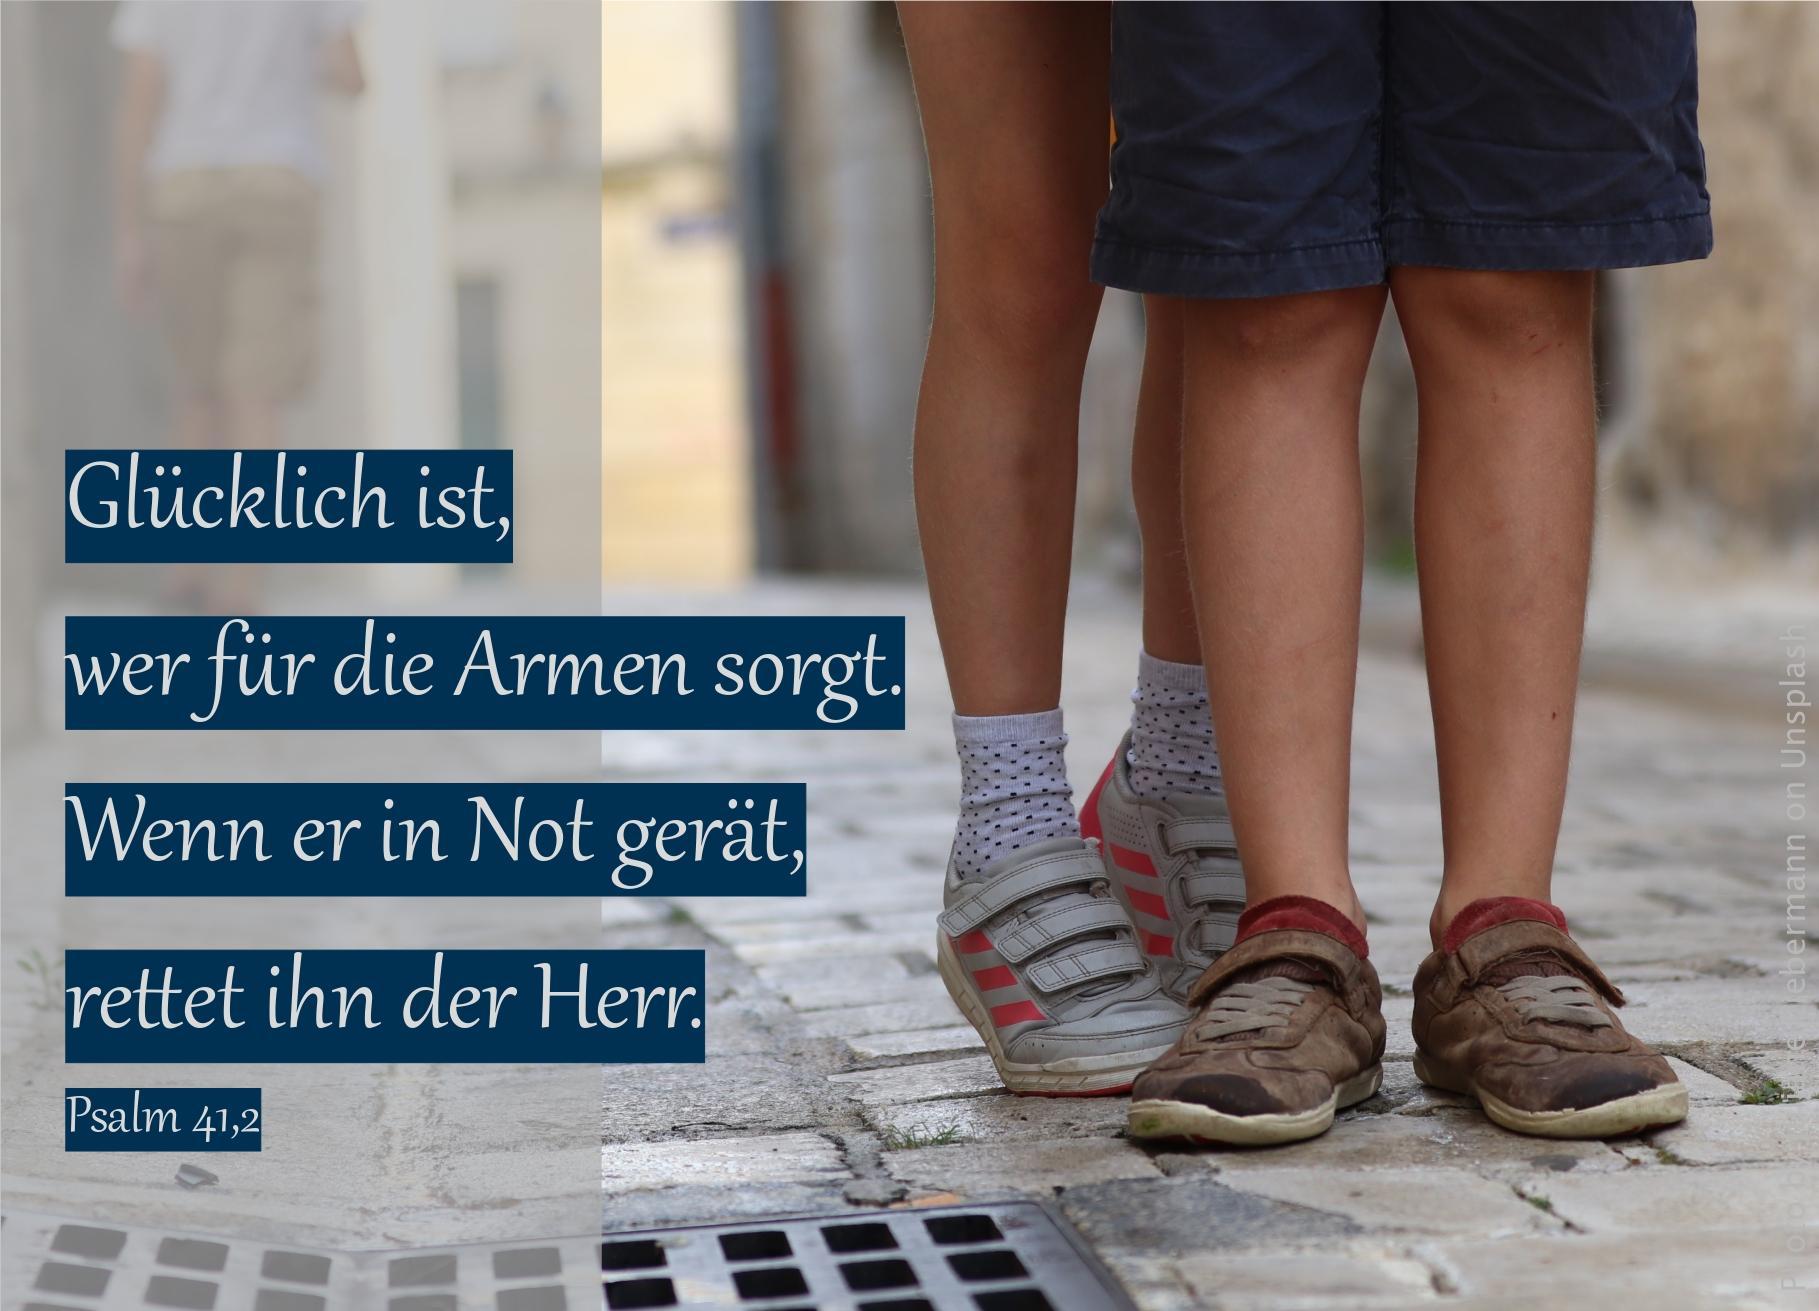 """alt=""""Vier_Kinderbeine_in_Schuhen_auf_Strasse_erwartet_bibelhoerbuch_ein_Wunder"""""""